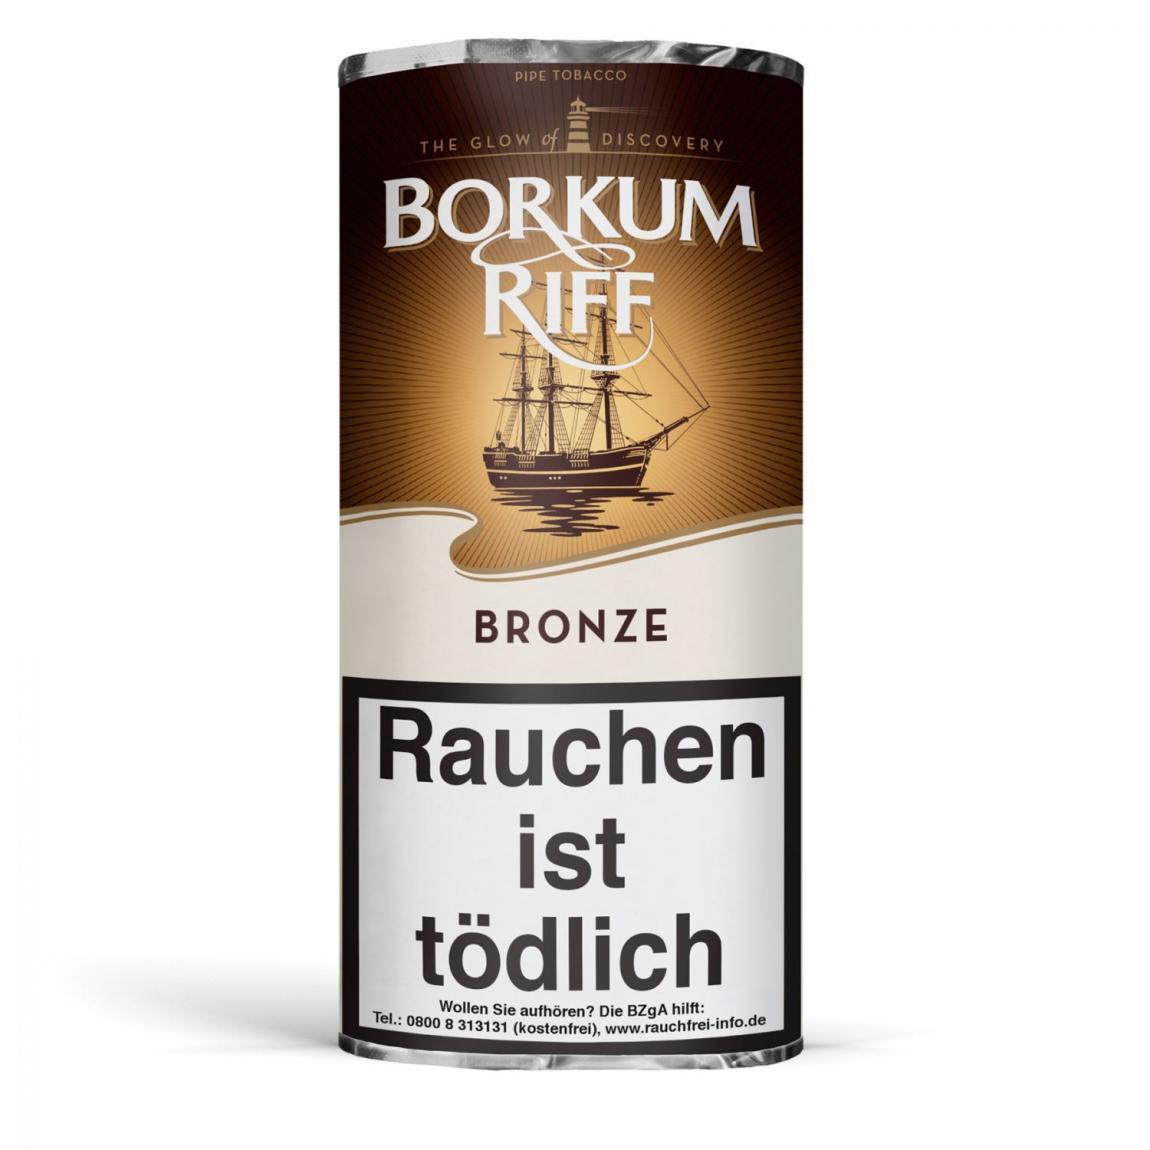 Borkum Riff »Bronze« 50g Pouch